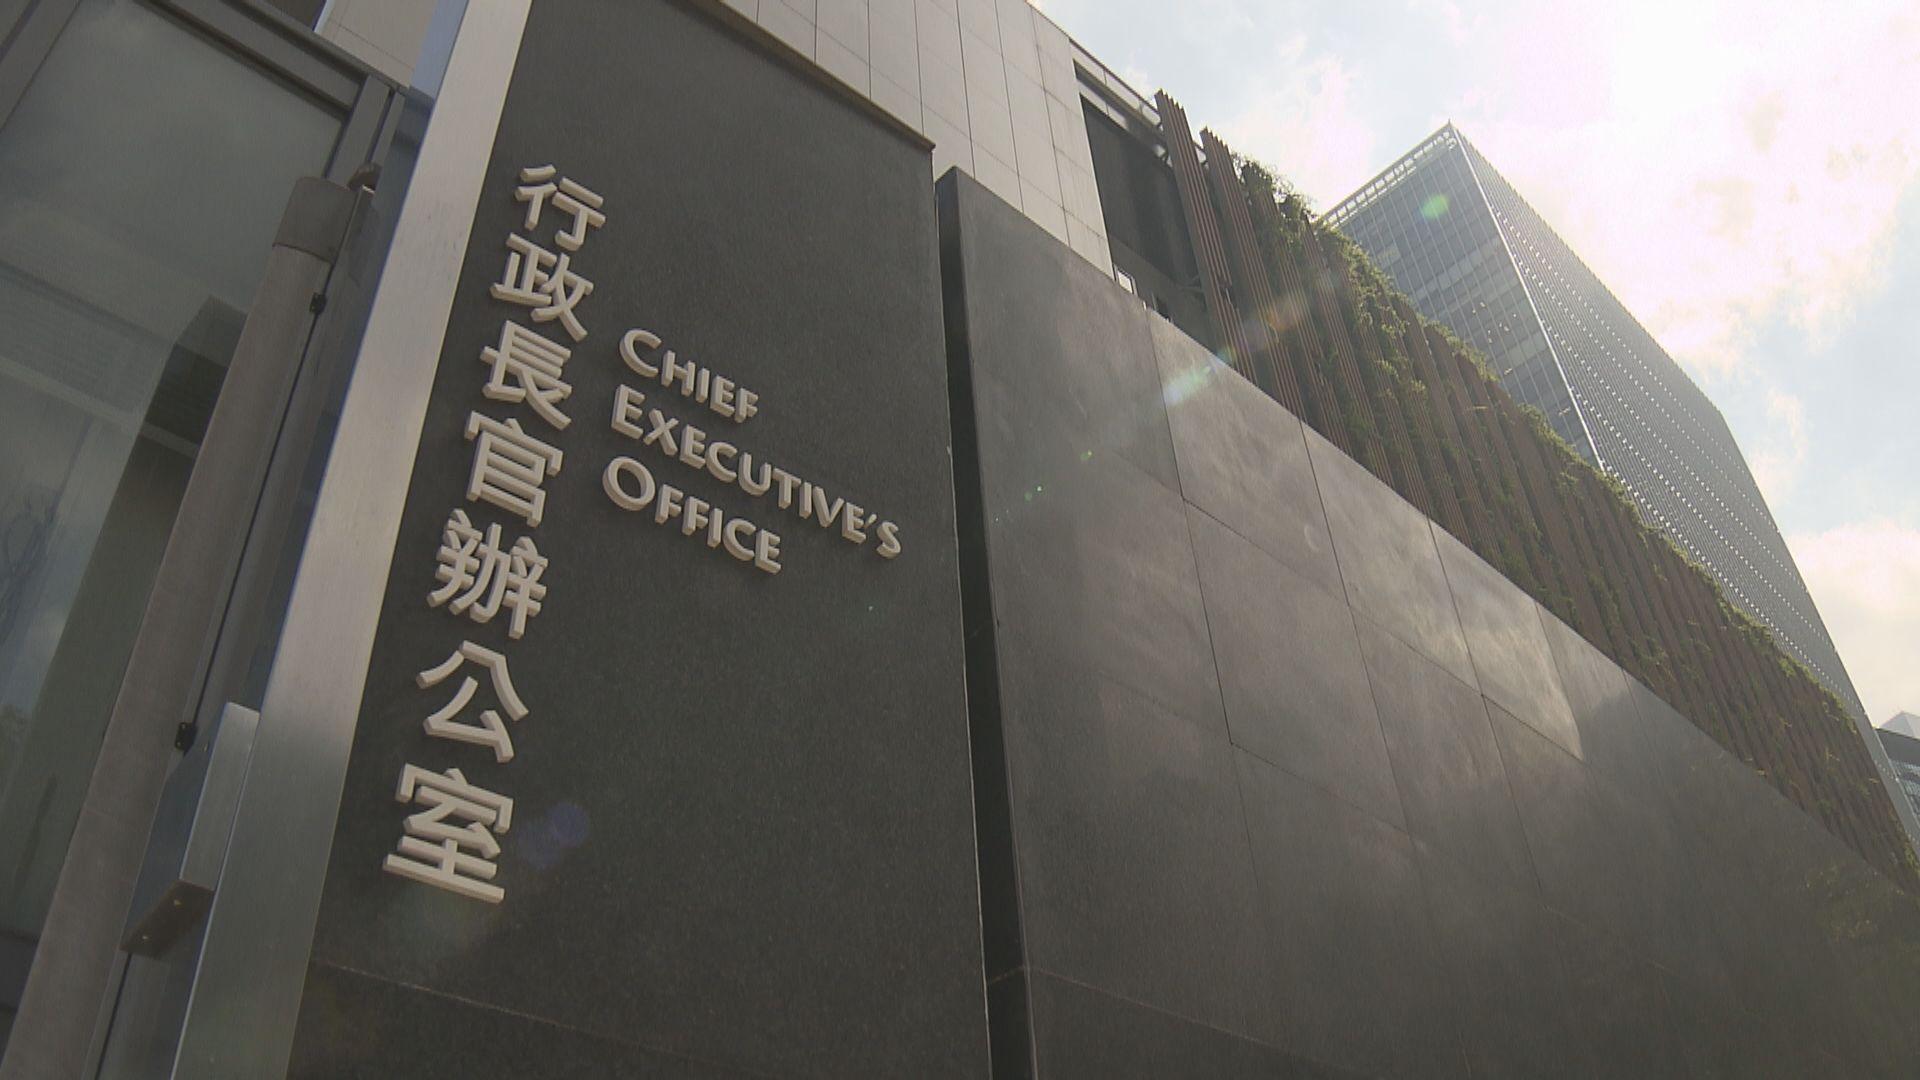 行政長官對克魯茲不見暴力行為表示匪夷所思 指政客不應肆意批評香港